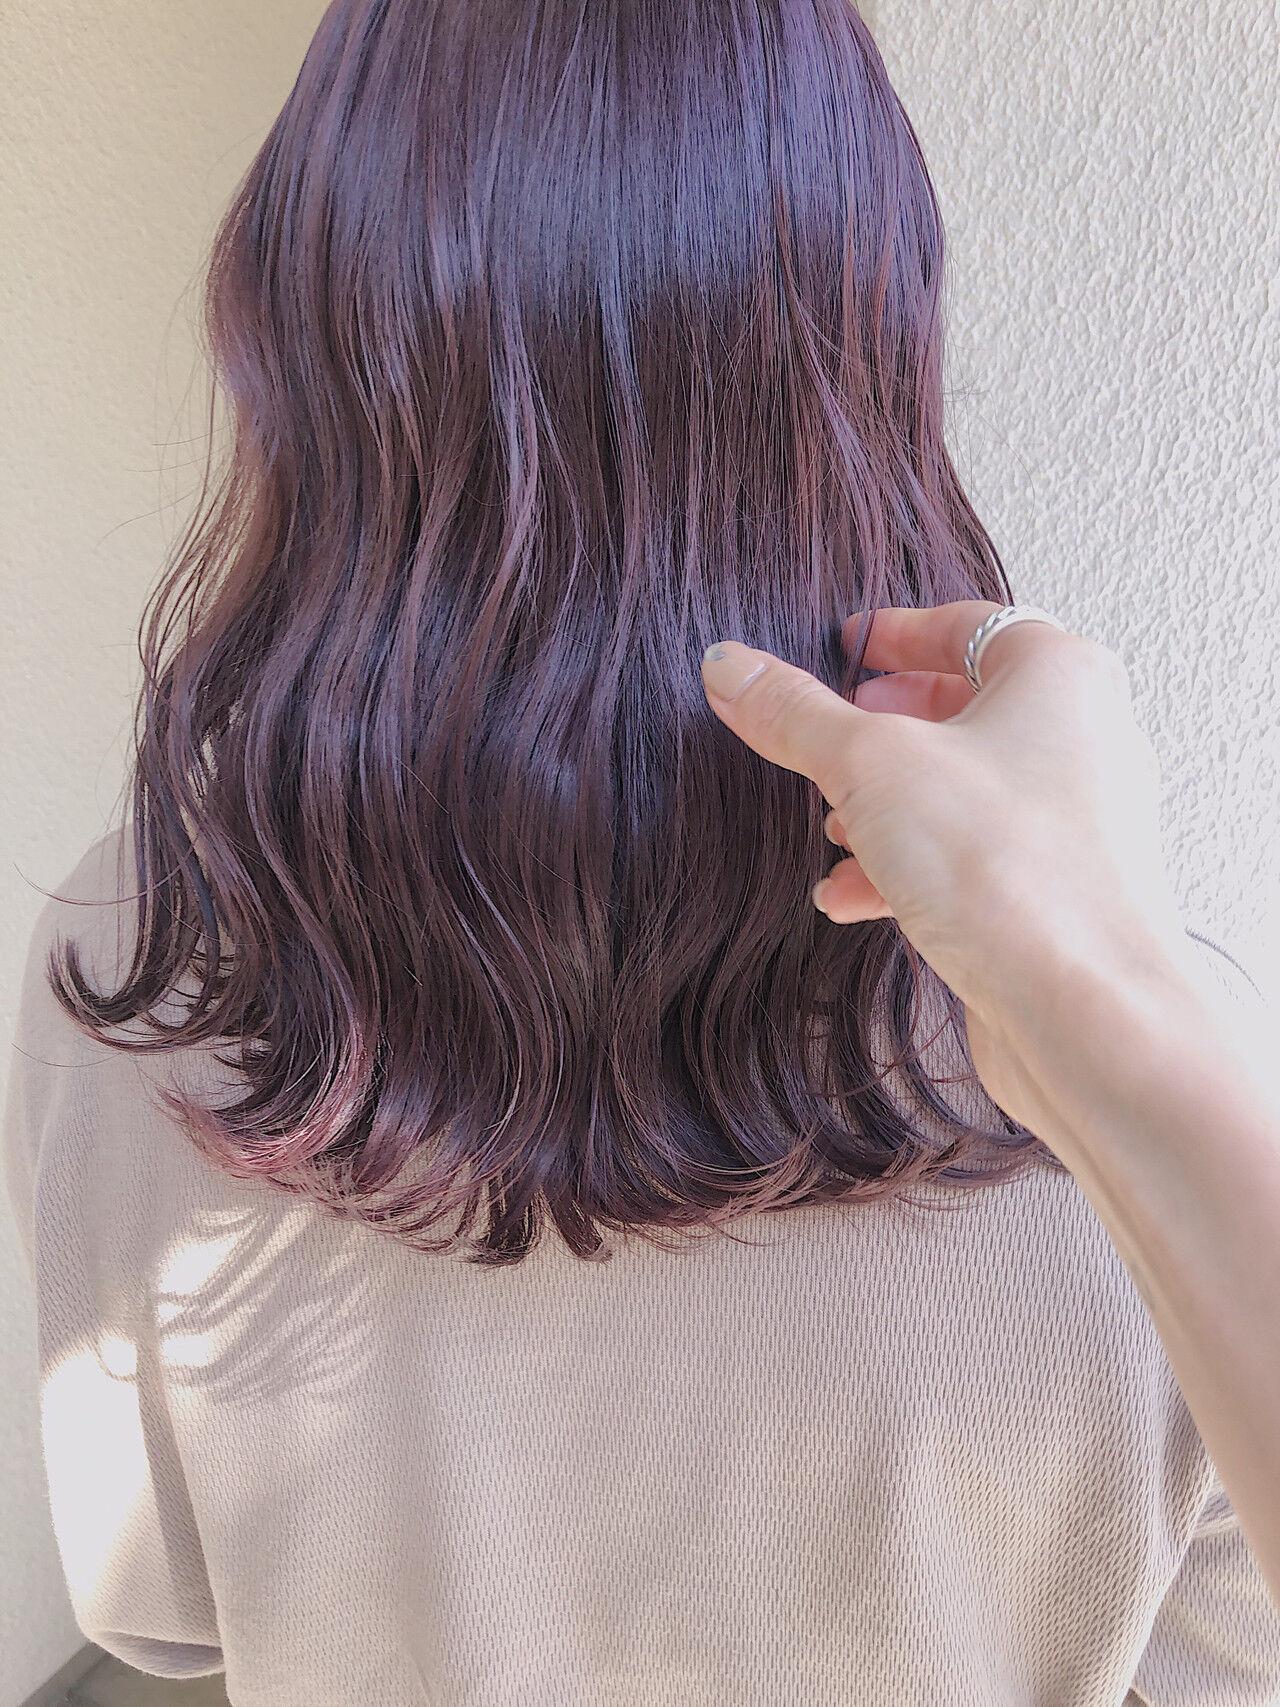 ナチュラル ミディアム ピンクラベンダー ダブルカラーヘアスタイルや髪型の写真・画像